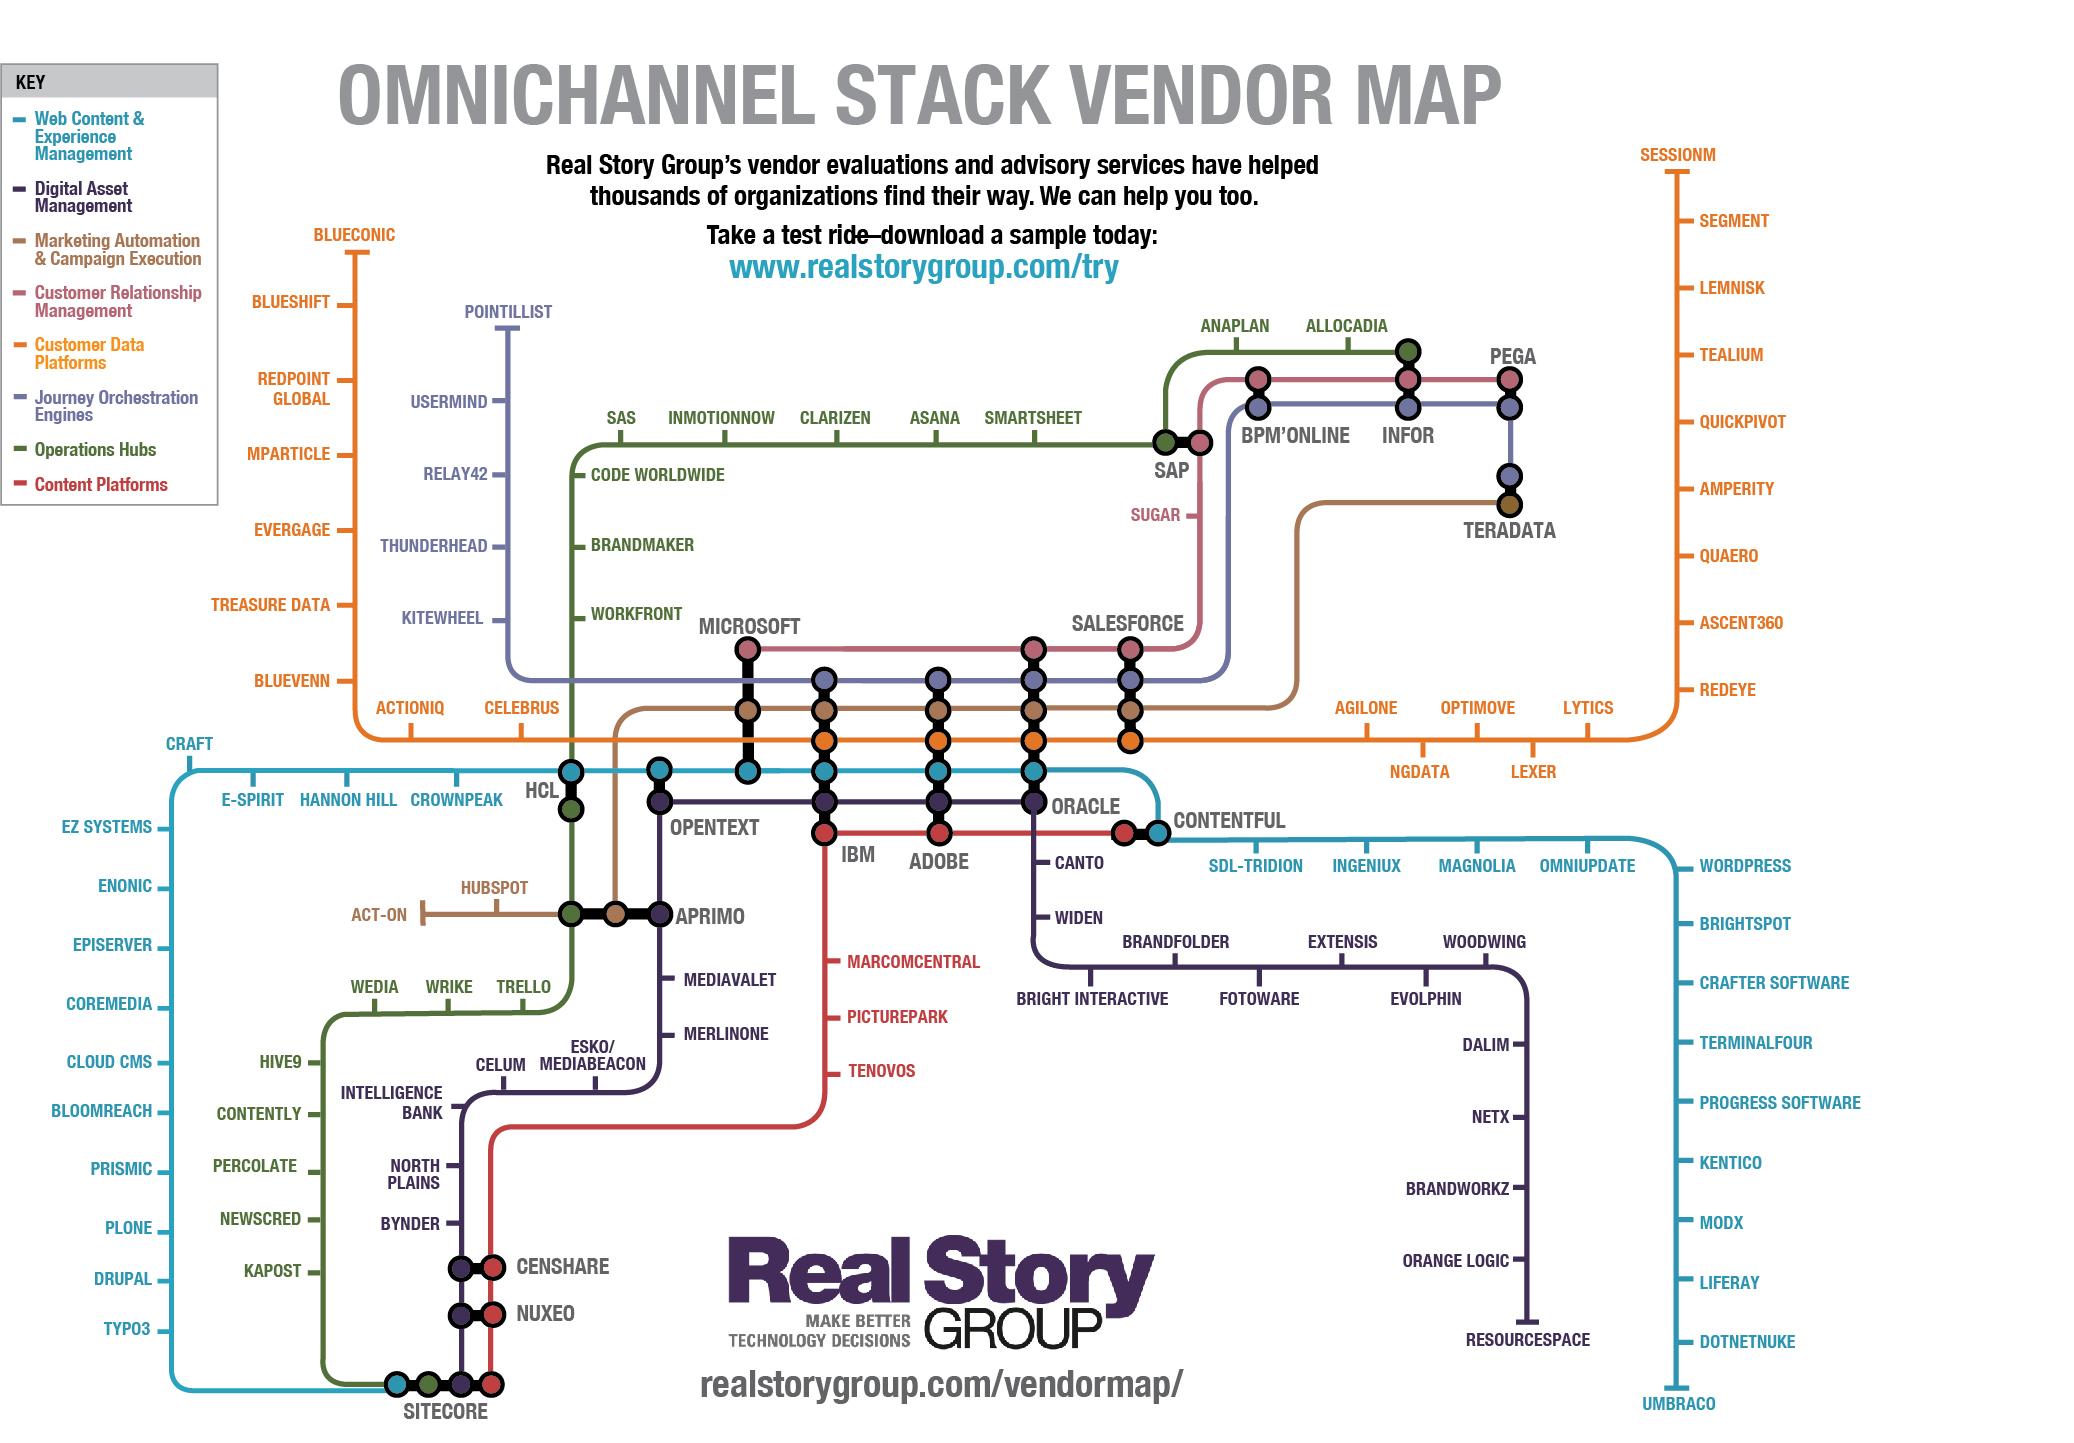 2019 Omnichannel Vendor Map